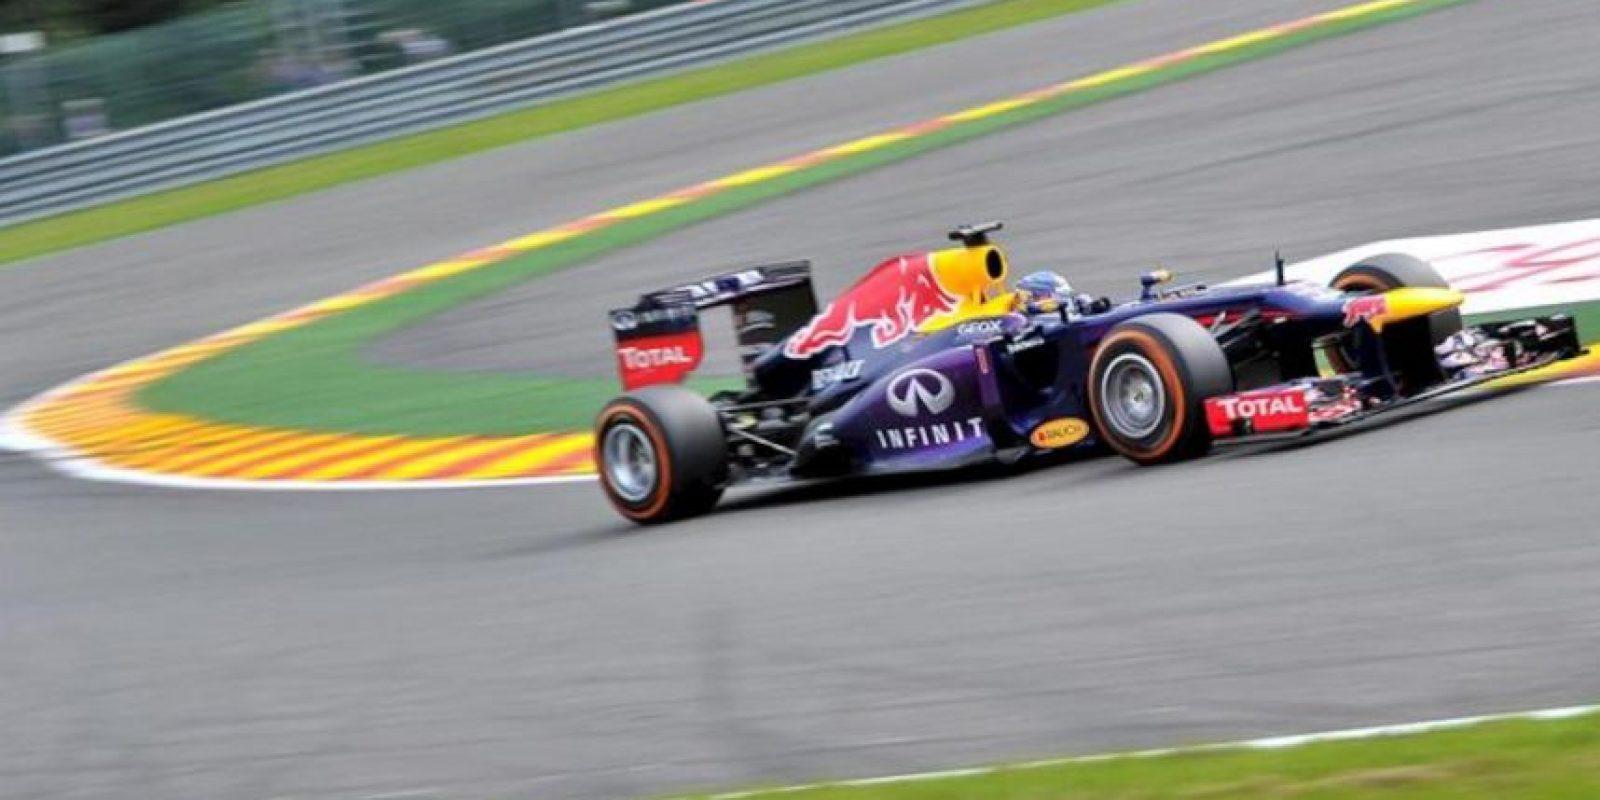 El piloto alemán de Fórmula Uno Sebastian Vettel, hoy durante la tercera y última tanda de entrenamientos libres del Gran Premio de Bélgica de Fórmula Uno en el circuito de Spa-Francorchamps. EFE